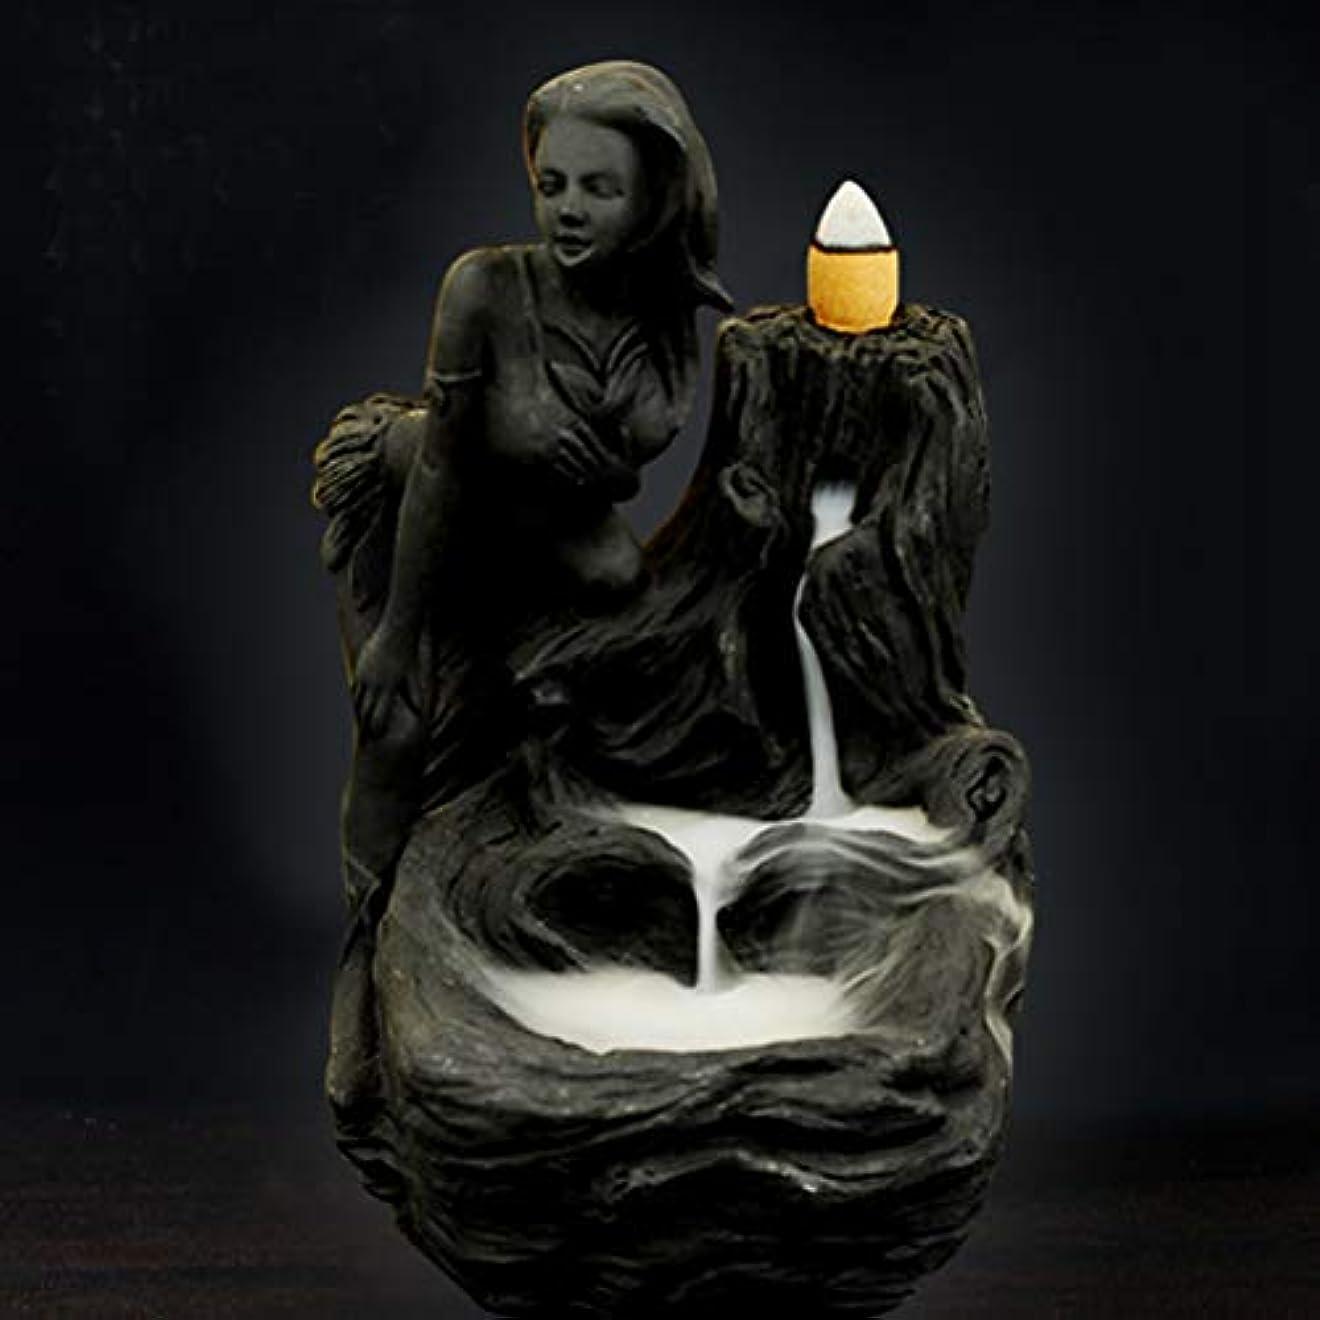 促進するギャロップ講堂女神香炉煙逆流タワー香炉香炉香炉ホルダー香炉ホームデコレーション